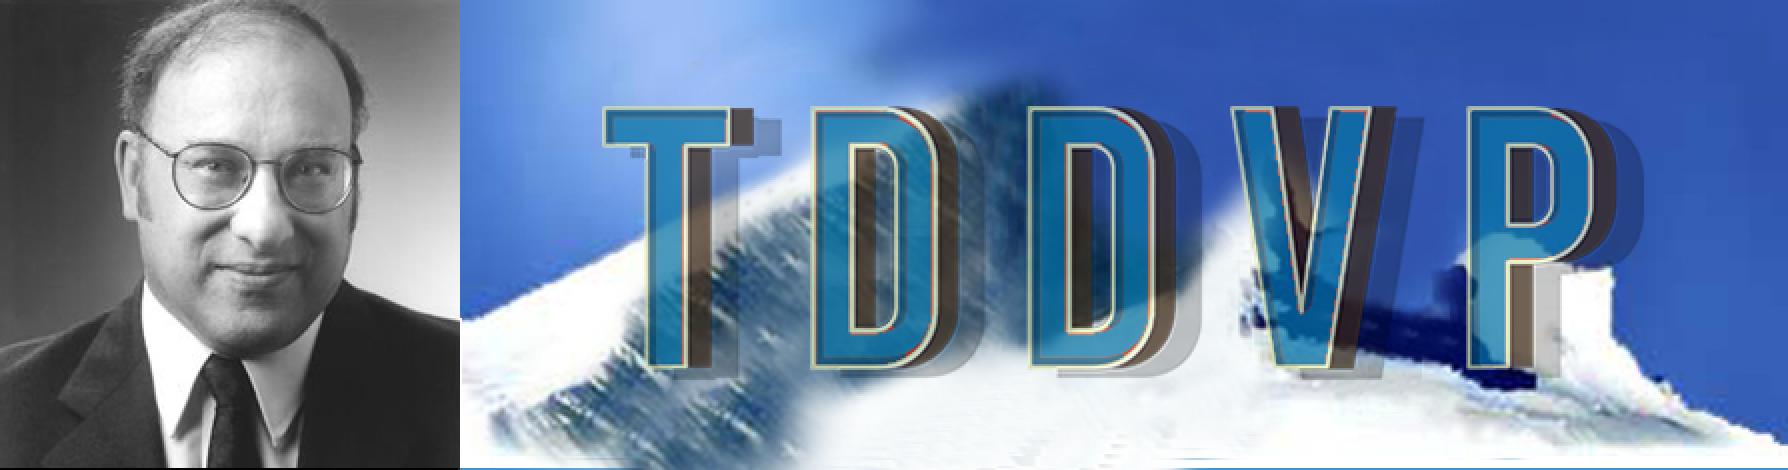 TDDVP